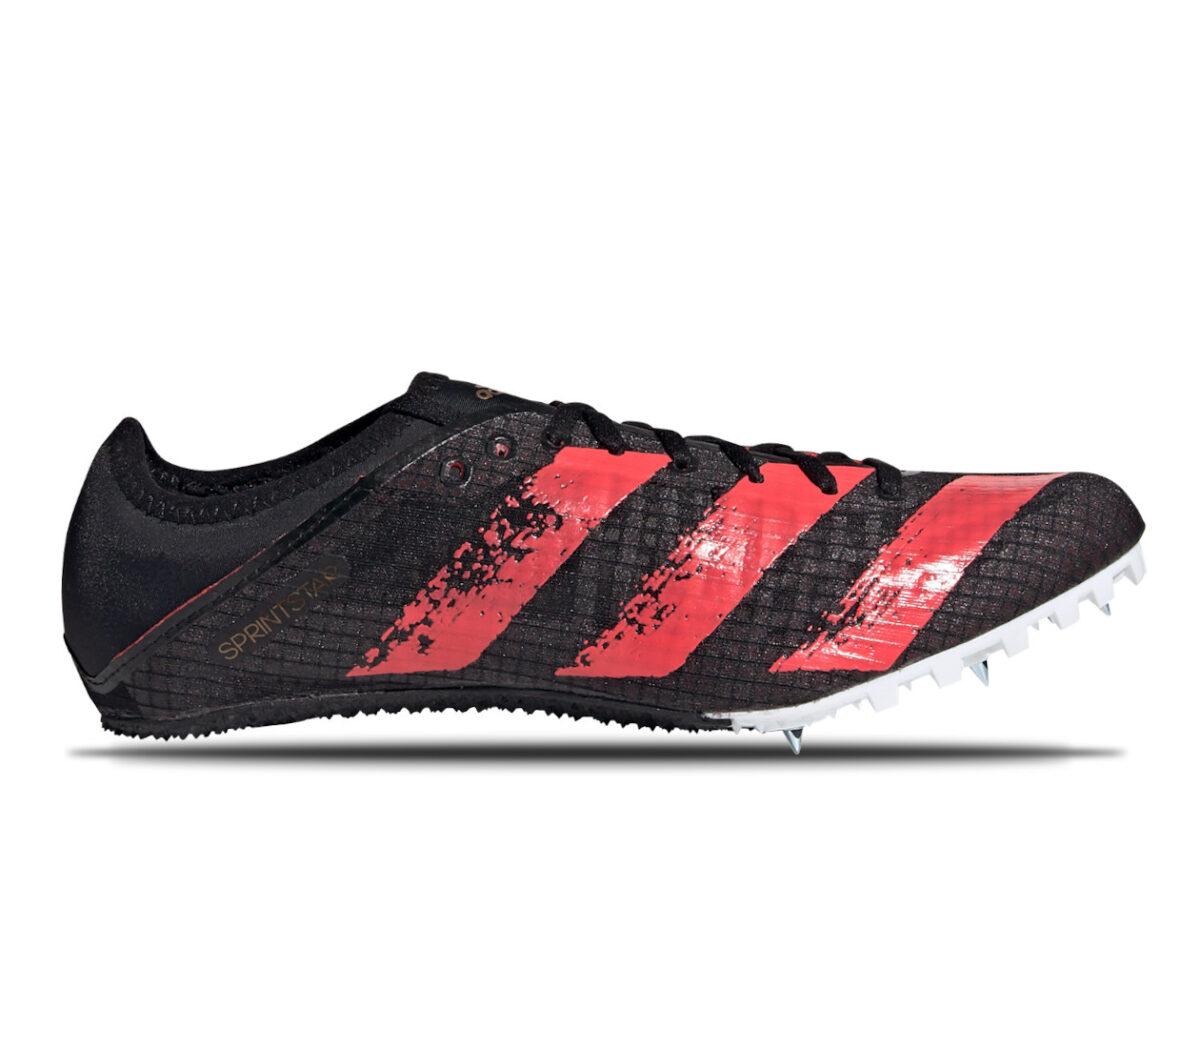 scarpe da atletica uomo adidas sprintstar nere e rosse